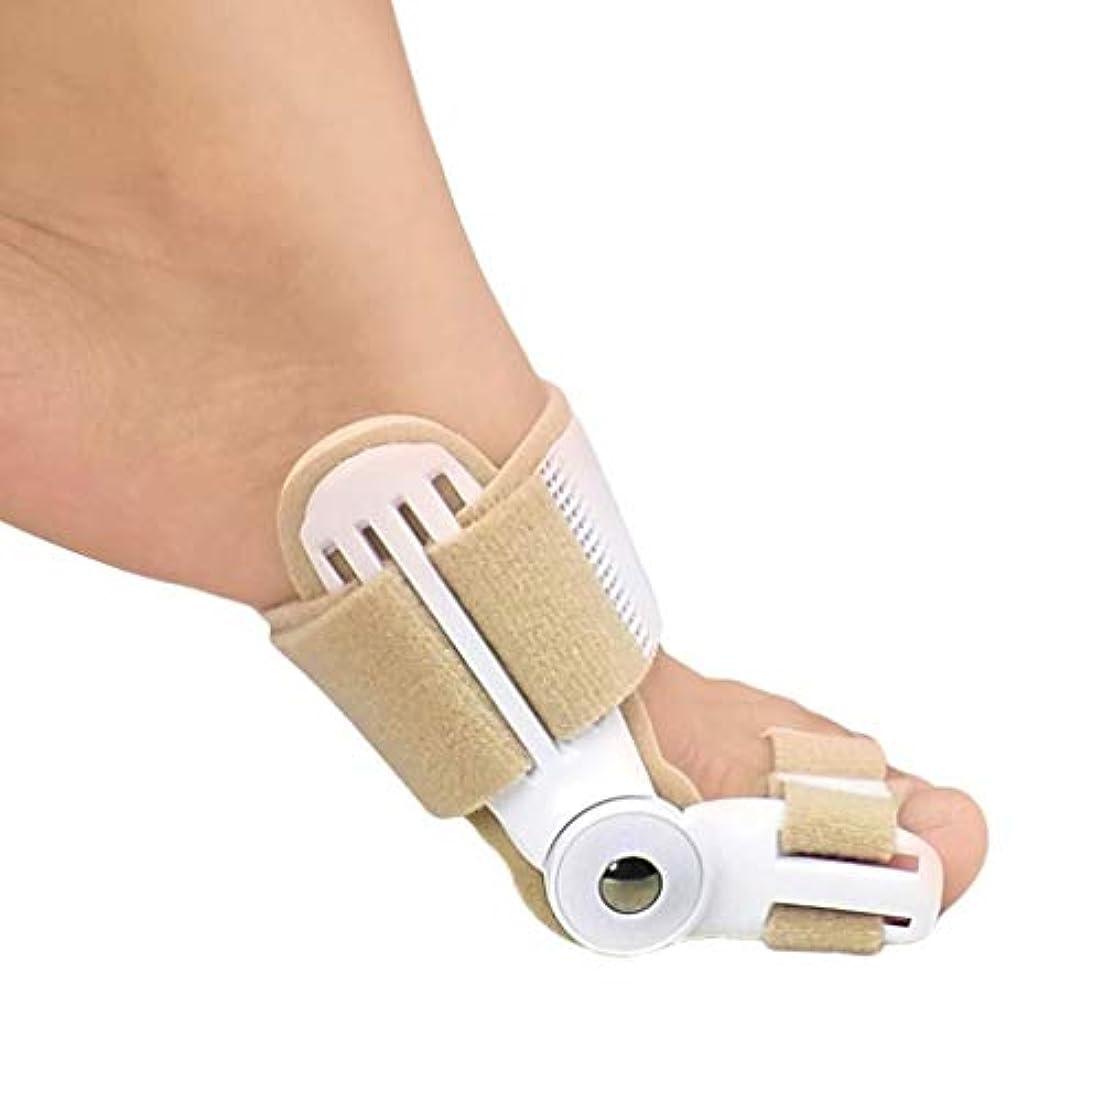 中古胸木Bunion Corrector Bunion SplintsとBig Toe Straightteners SeparatorナイトタイムHallux外陰部のスプリント、Bunion Relief (Size : Medium)